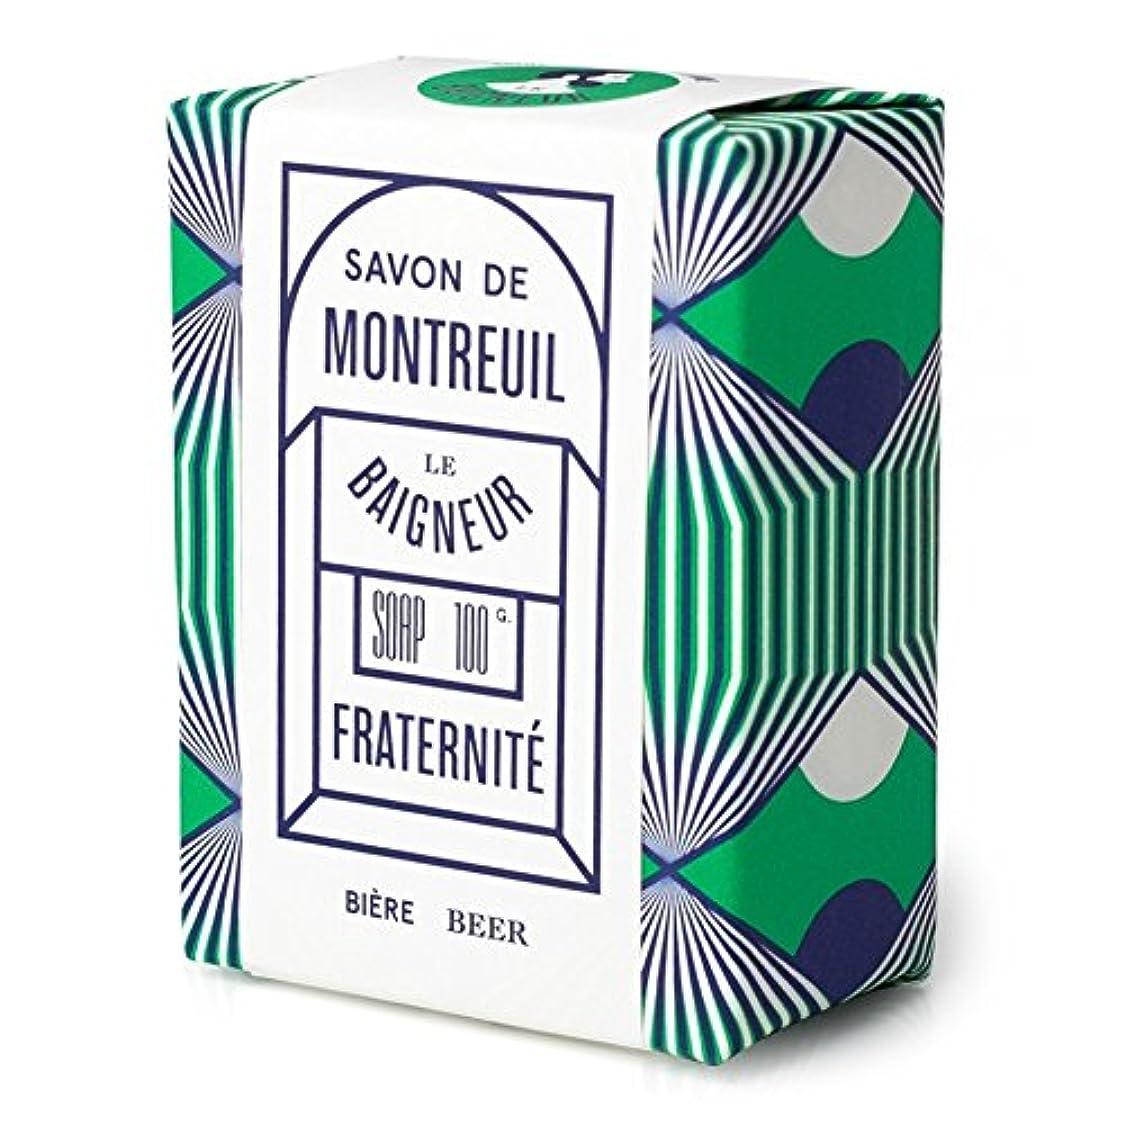 縫い目重荷憂鬱ル 石鹸100グラム x4 - Le Baigneur Fraternite Soap 100g (Pack of 4) [並行輸入品]